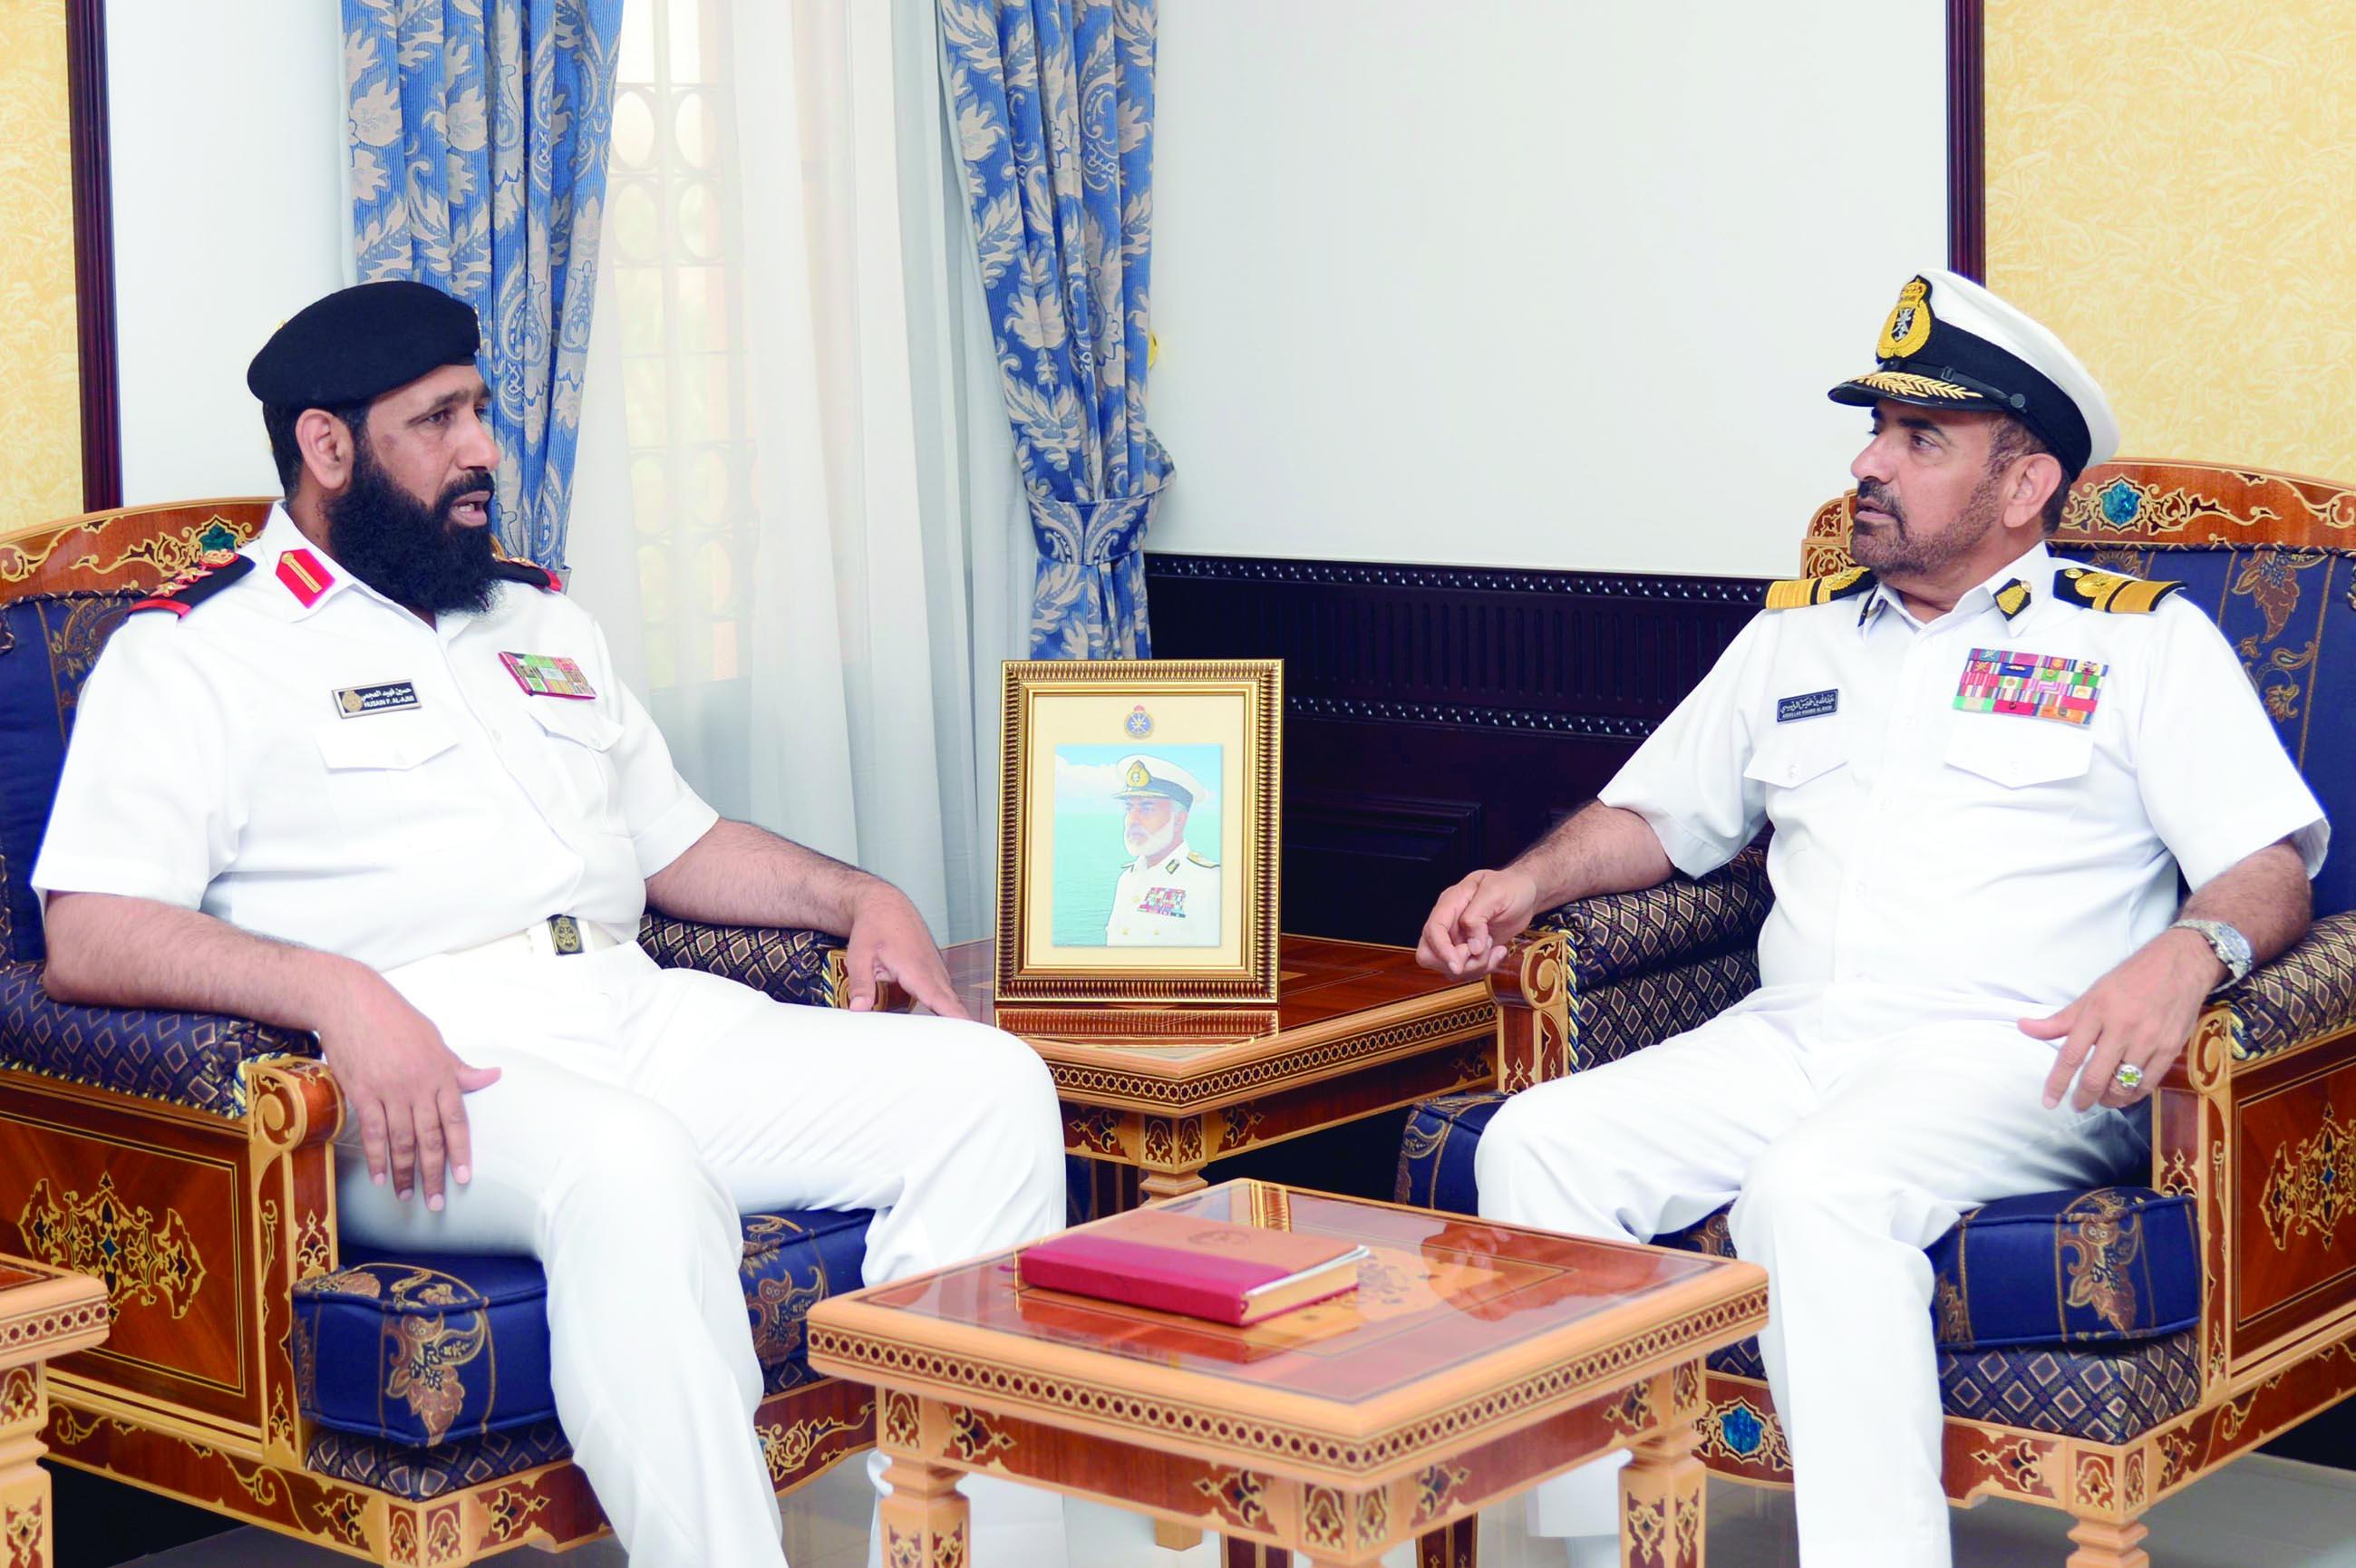 قائد البحرية يستقبل قائد قوةالواجب المختلطة 151 بالبحرين